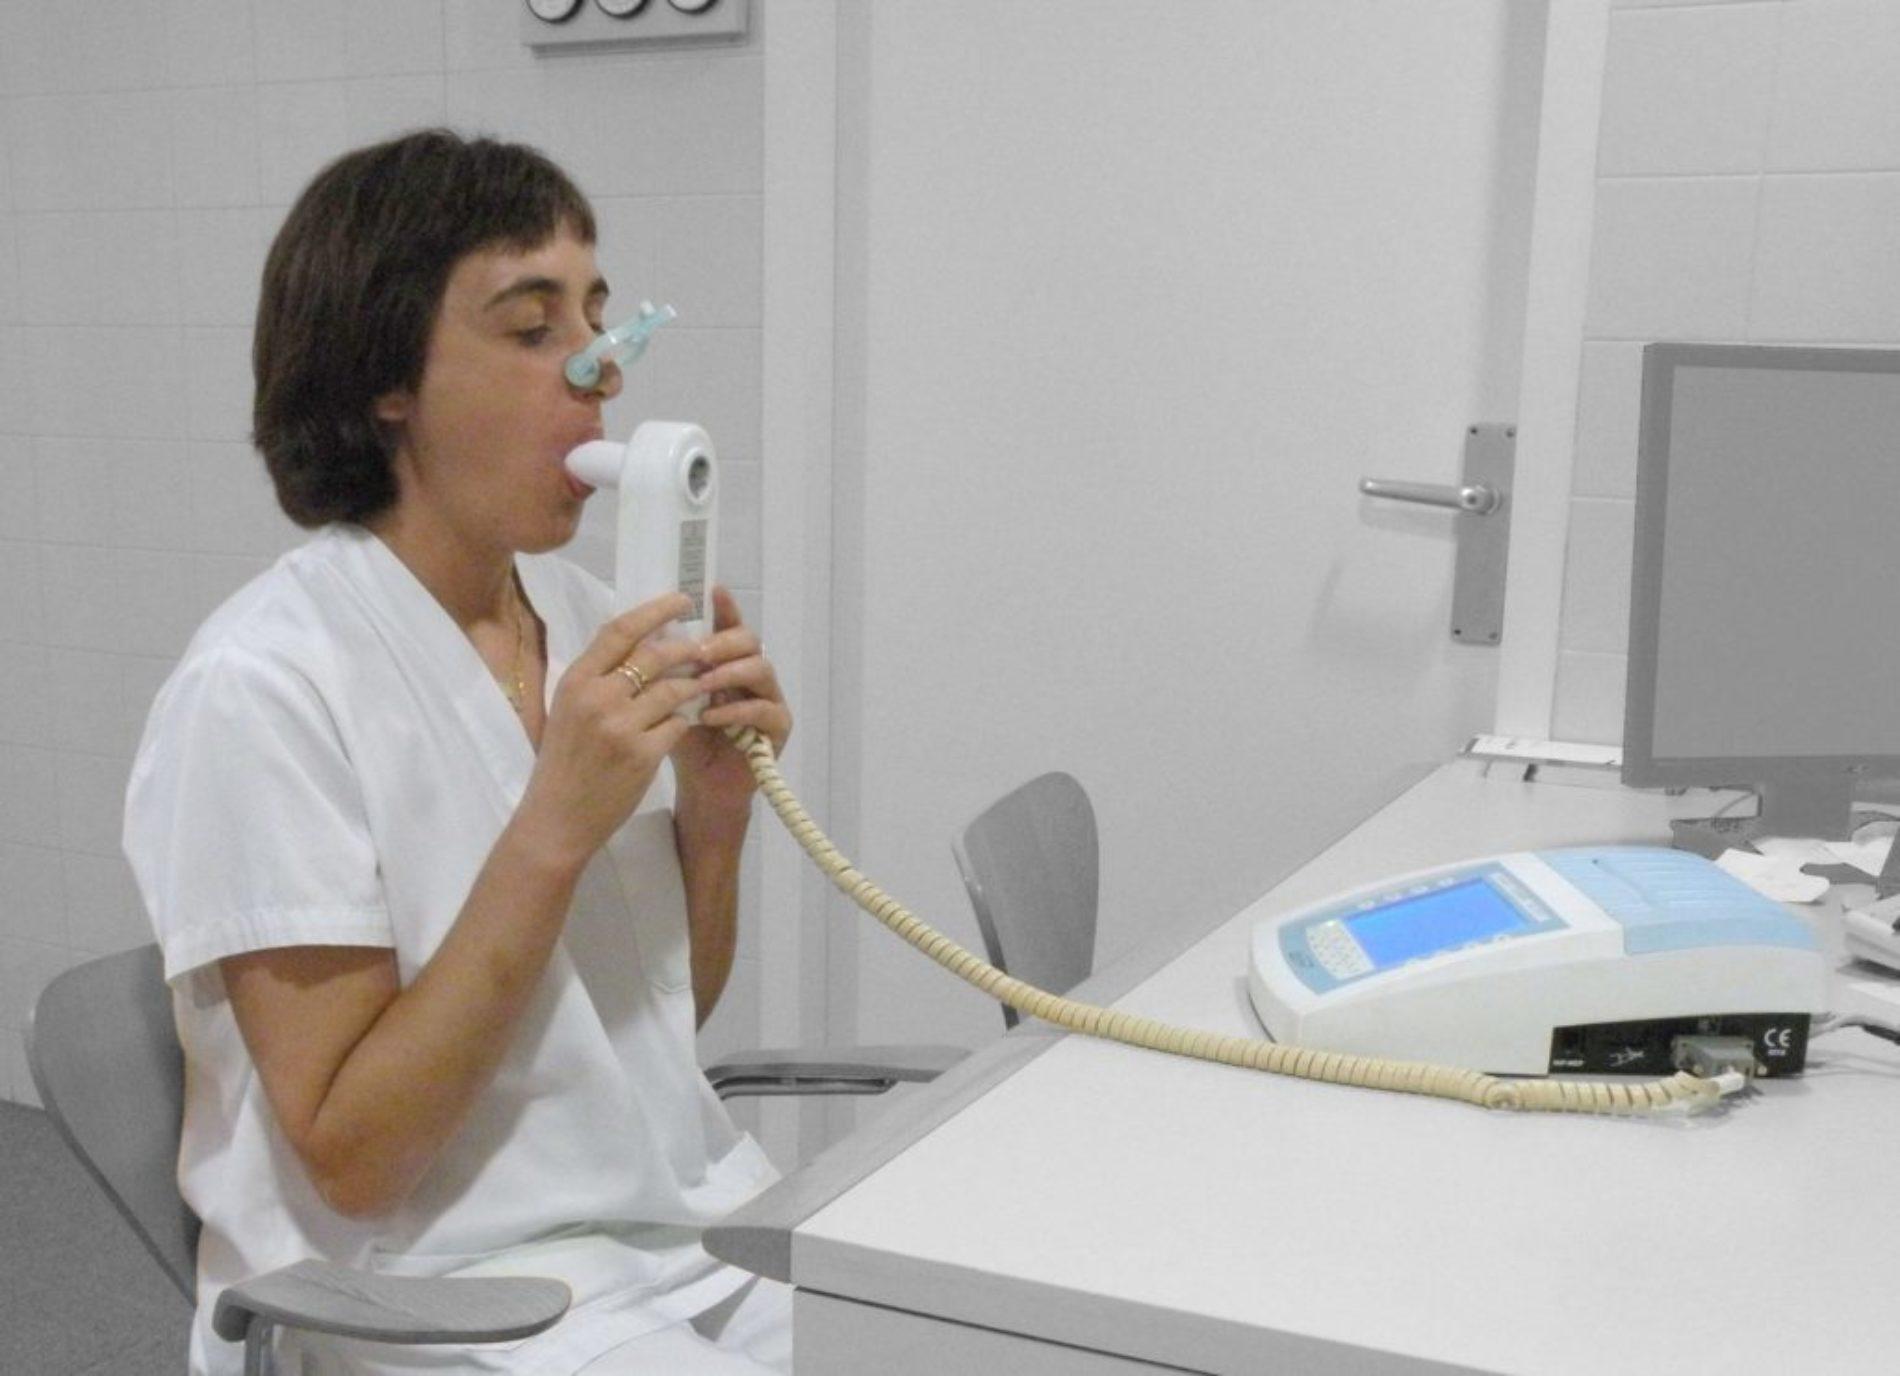 Fumatori Asmatici: le donne le più colpite, necessari nuovi studi clinici e cure mirate